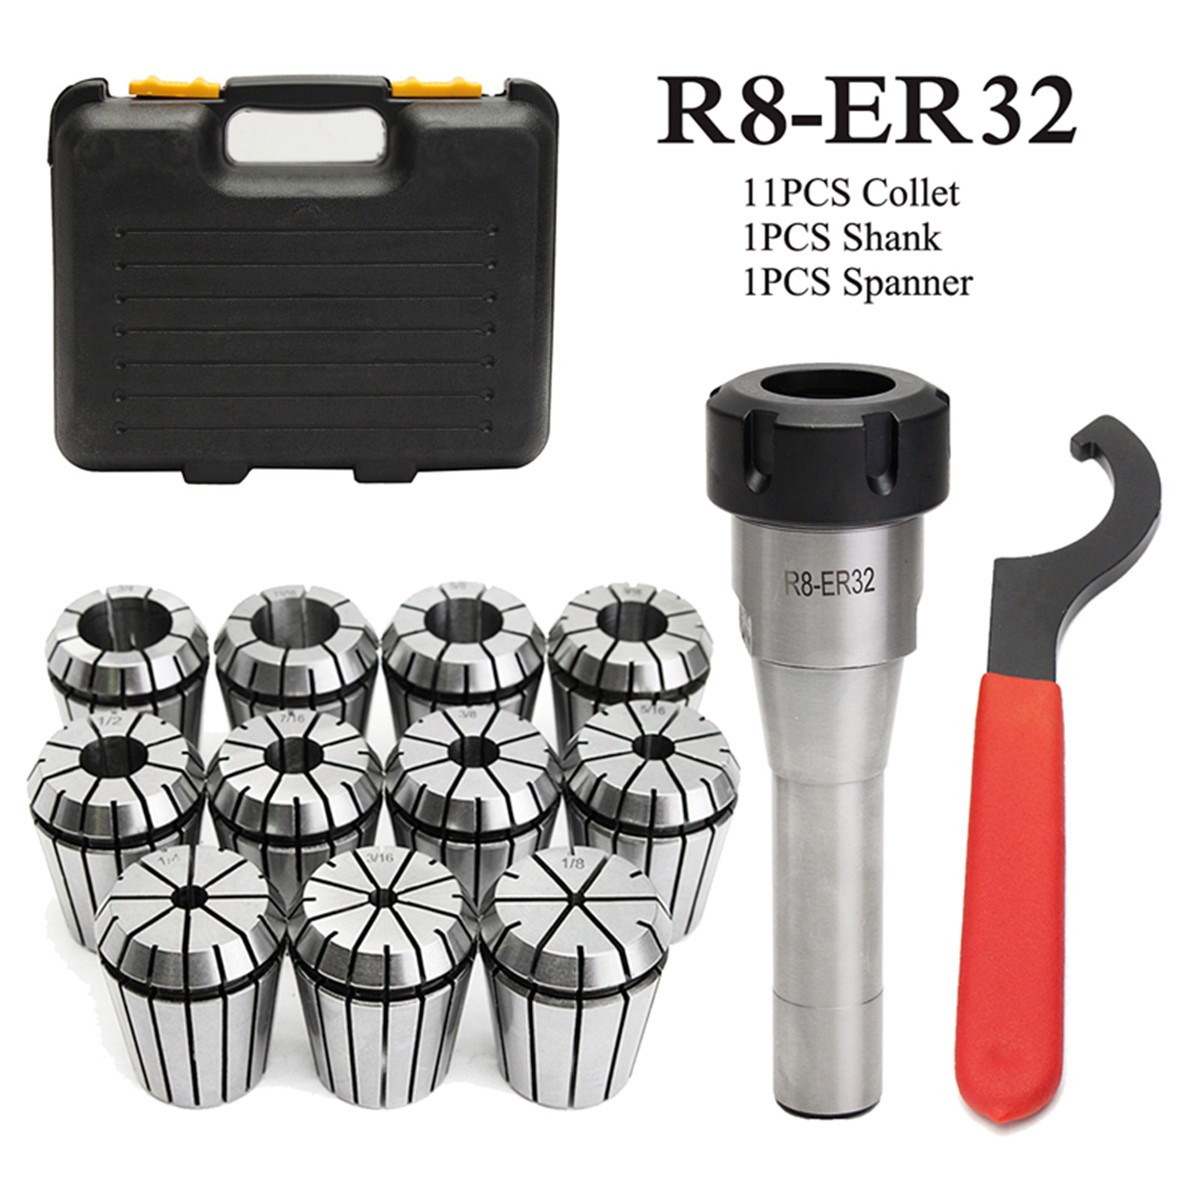 New 11pcs ER32 Spring Collet Set 3mm-19mm + R8-ER32 7/16 Collet Chuck + Holder Wrench цена